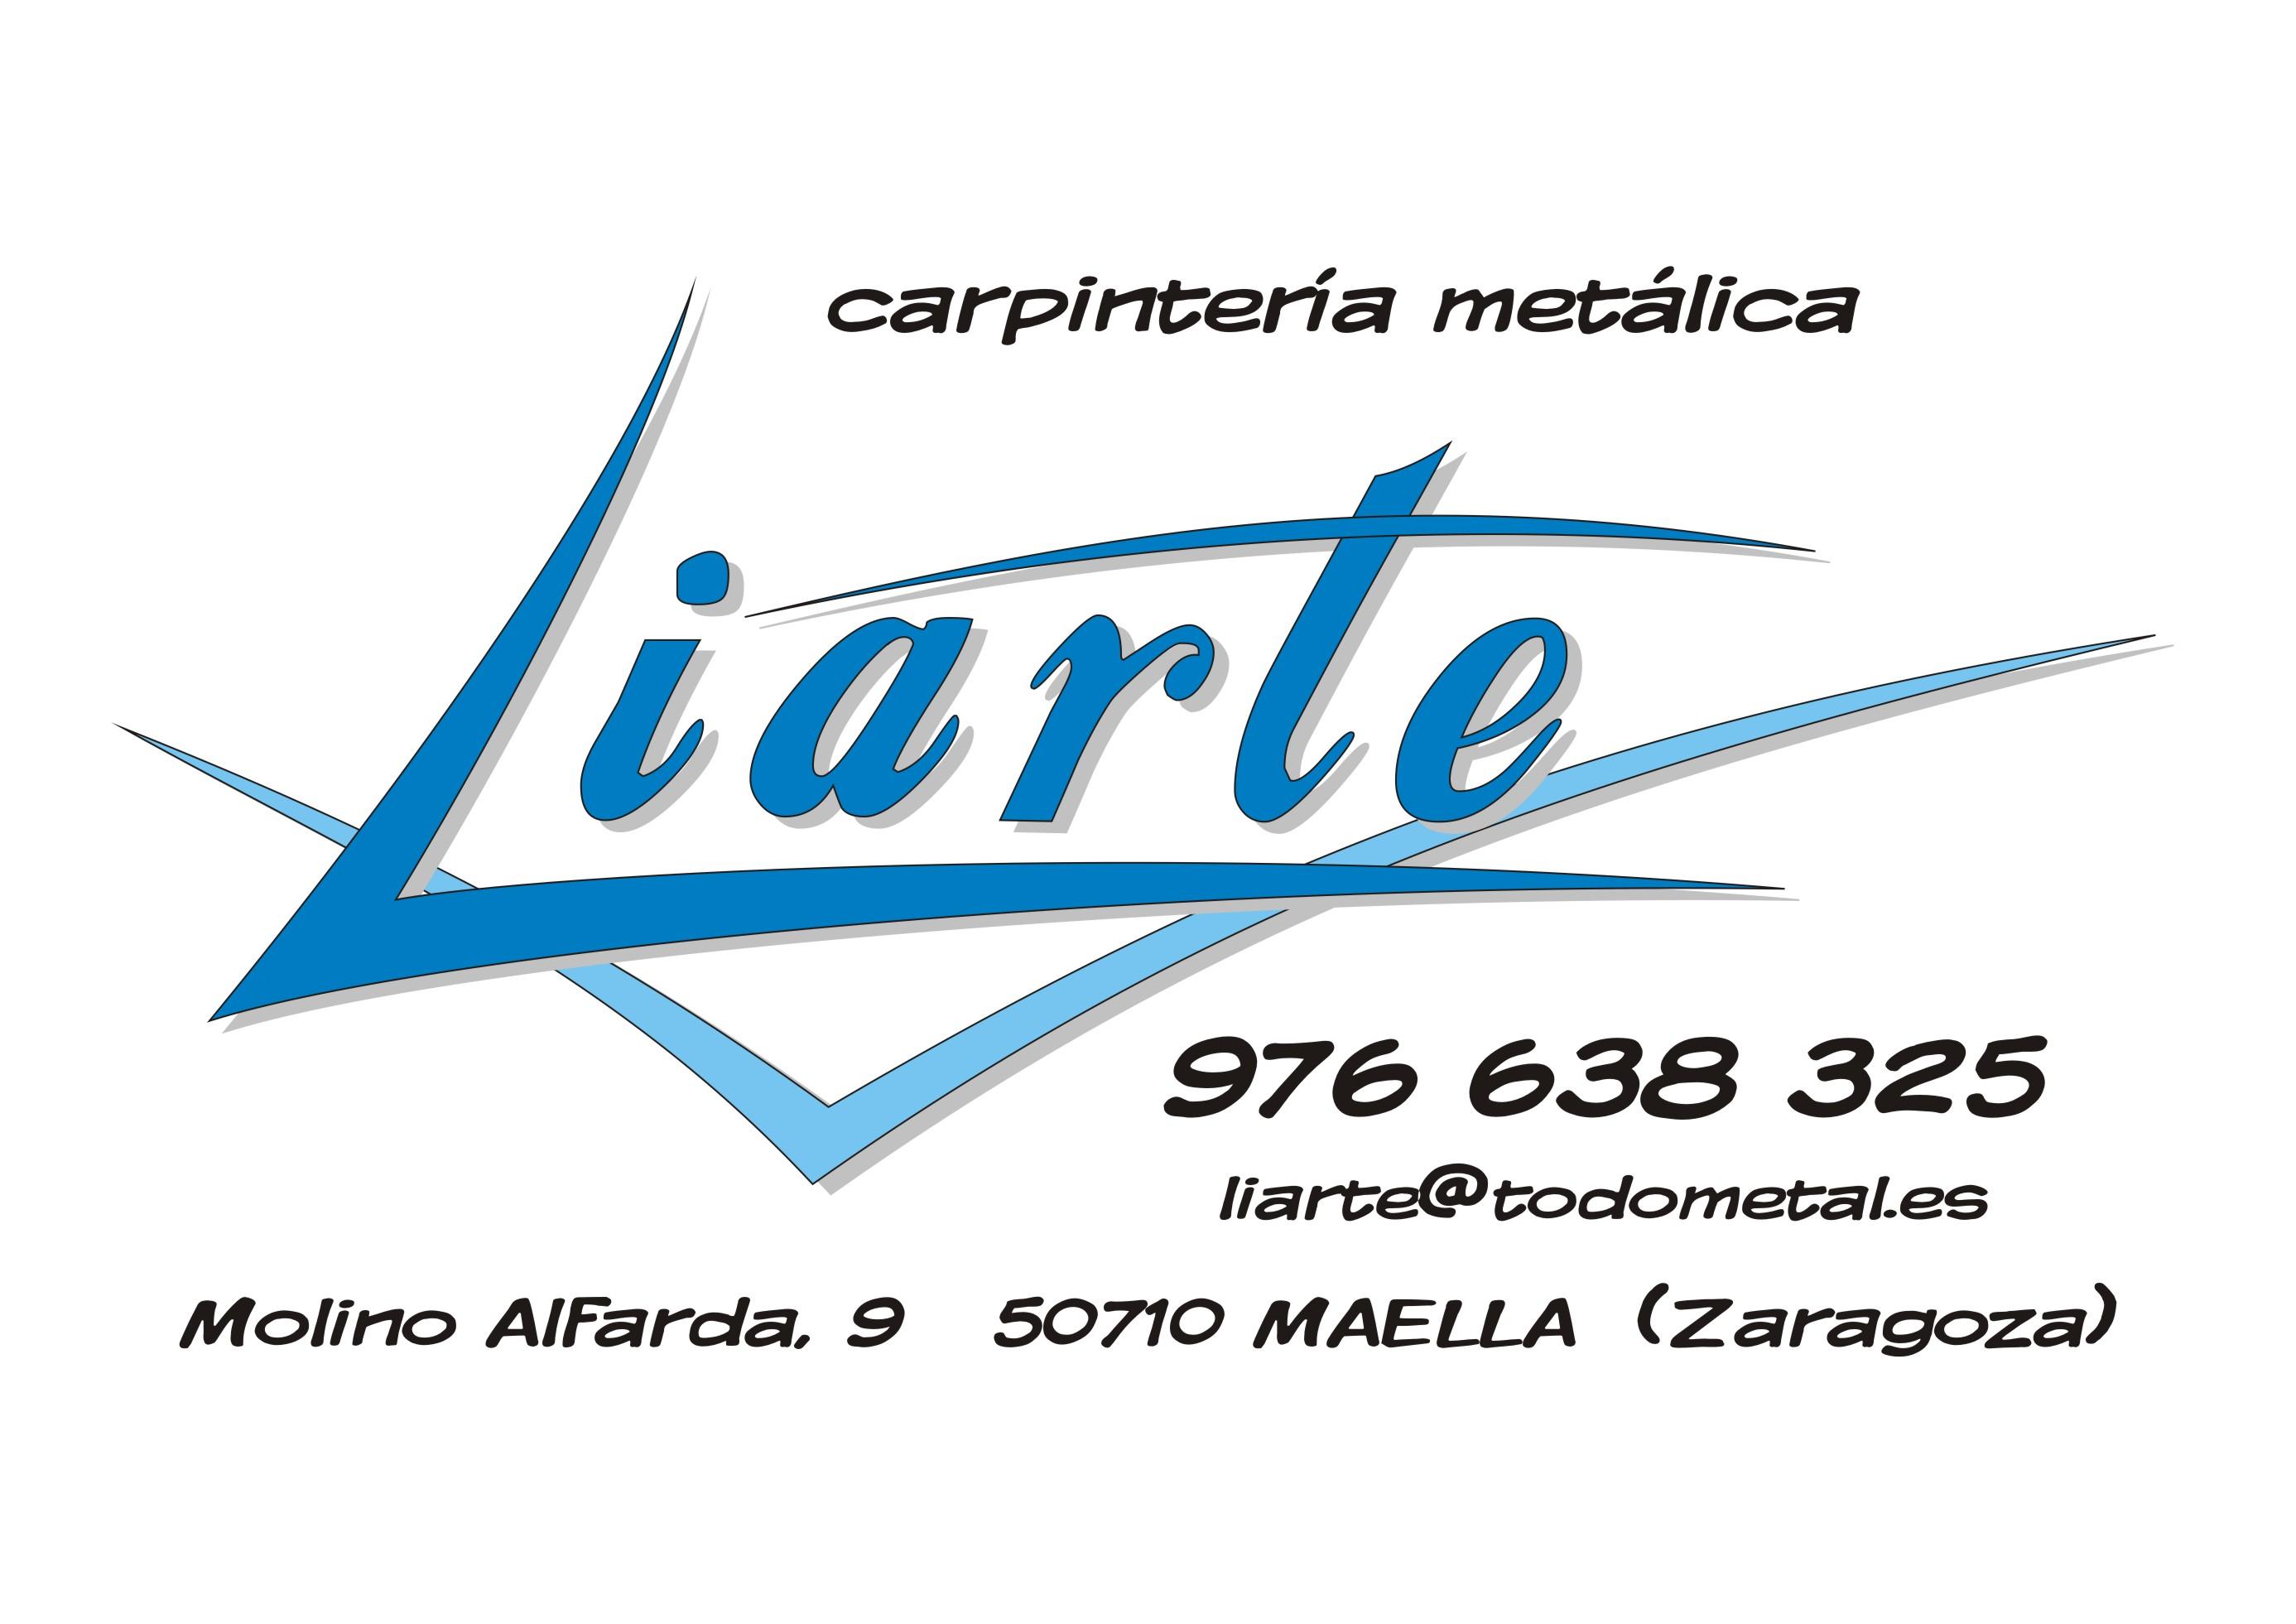 Logotipo de carpintería metálica Liarte